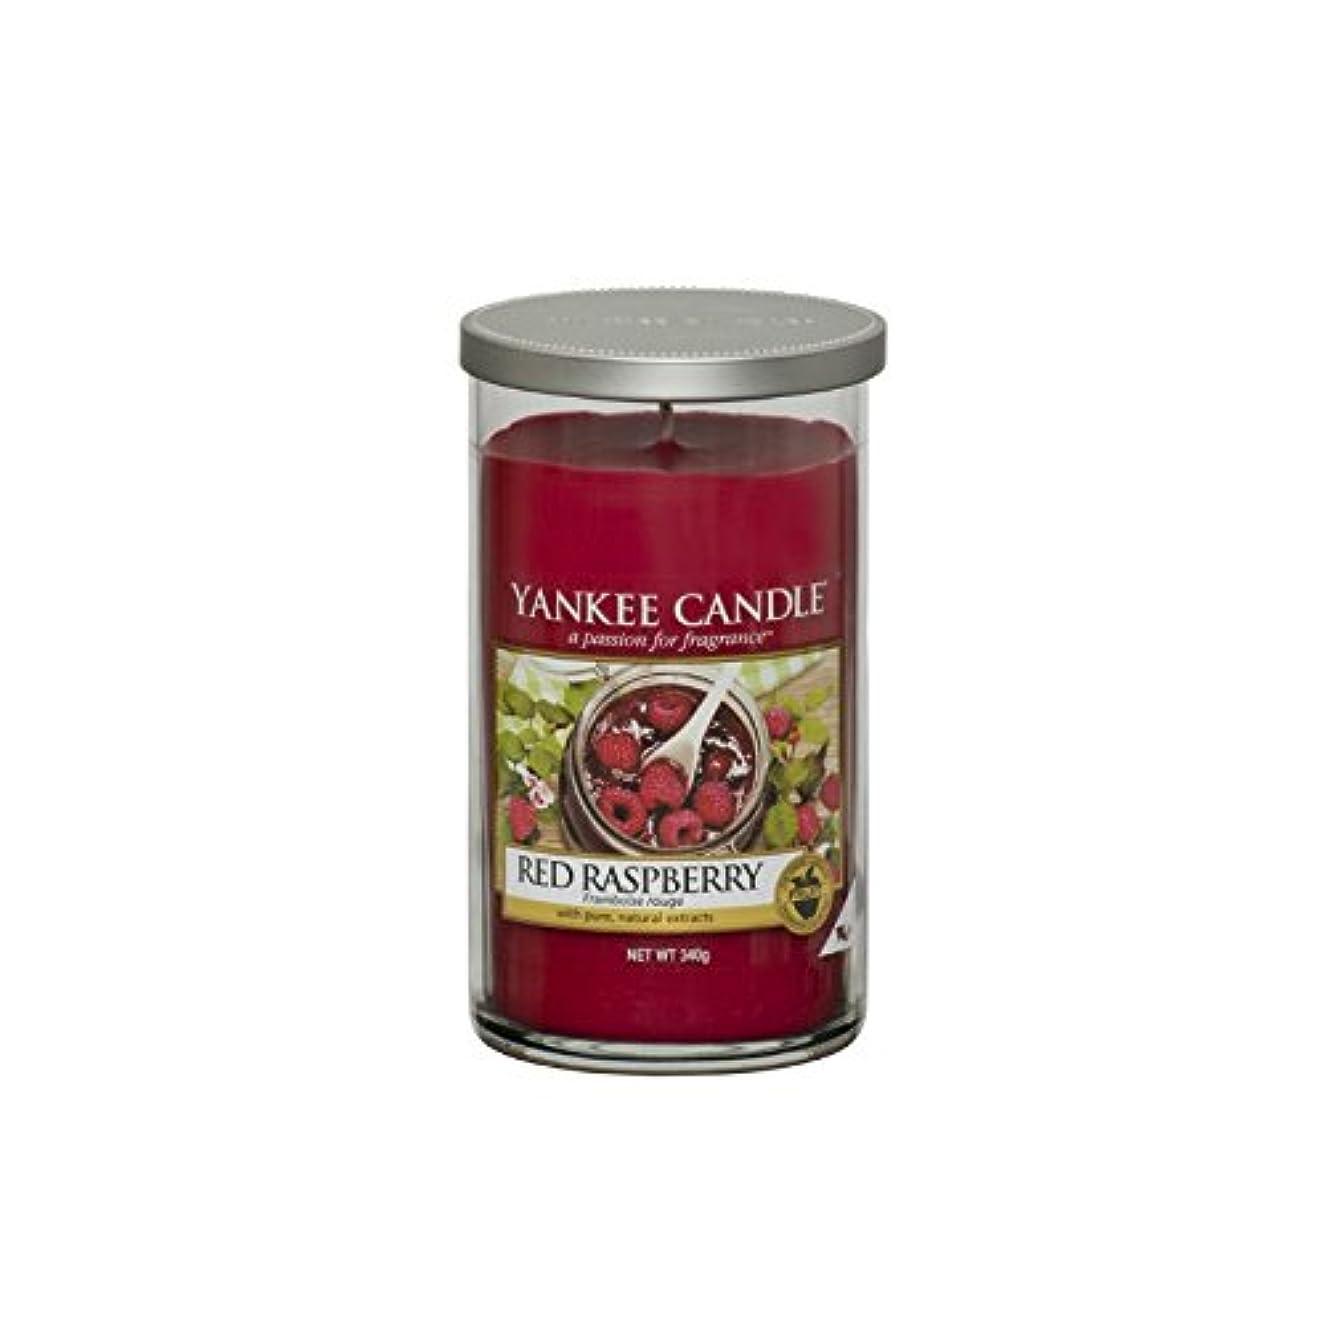 世辞プロポーショナル生き残りますYankee Candles Medium Pillar Candle - Red Raspberry (Pack of 6) - ヤンキーキャンドルメディアピラーキャンドル - レッドラズベリー (x6) [並行輸入品]